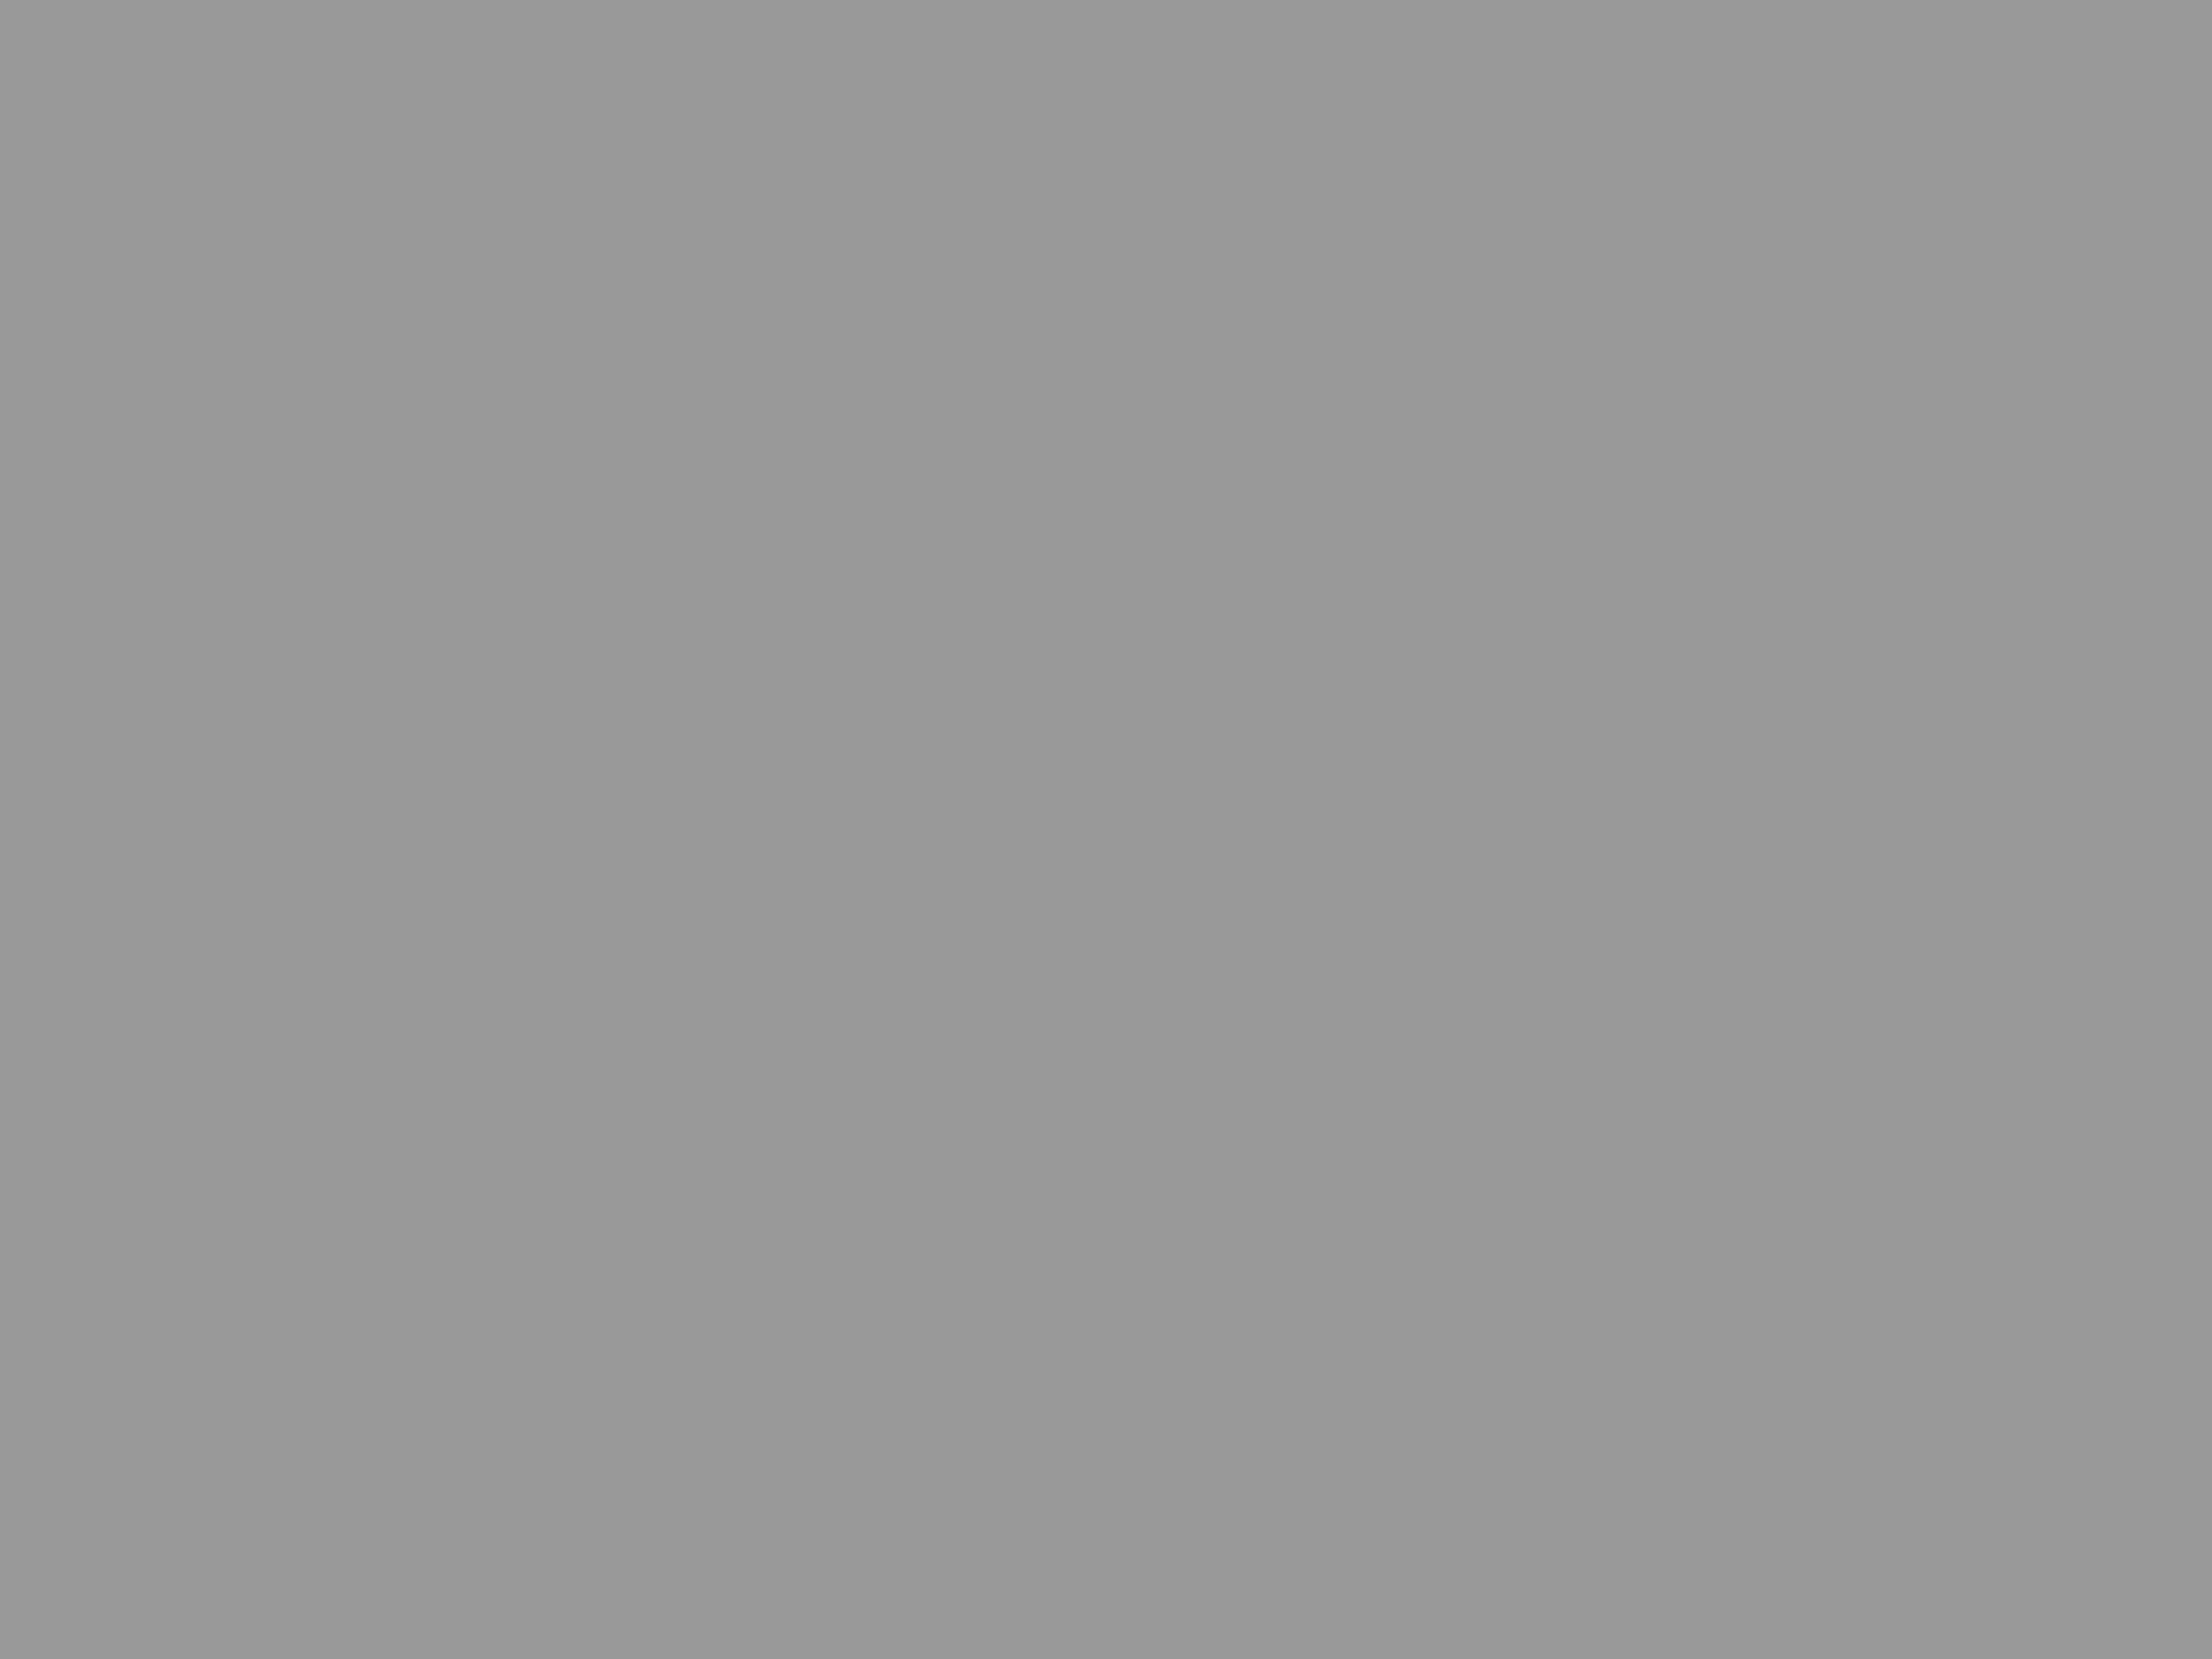 grau farbe kostenloser hintergrund farbwirkung. Black Bedroom Furniture Sets. Home Design Ideas